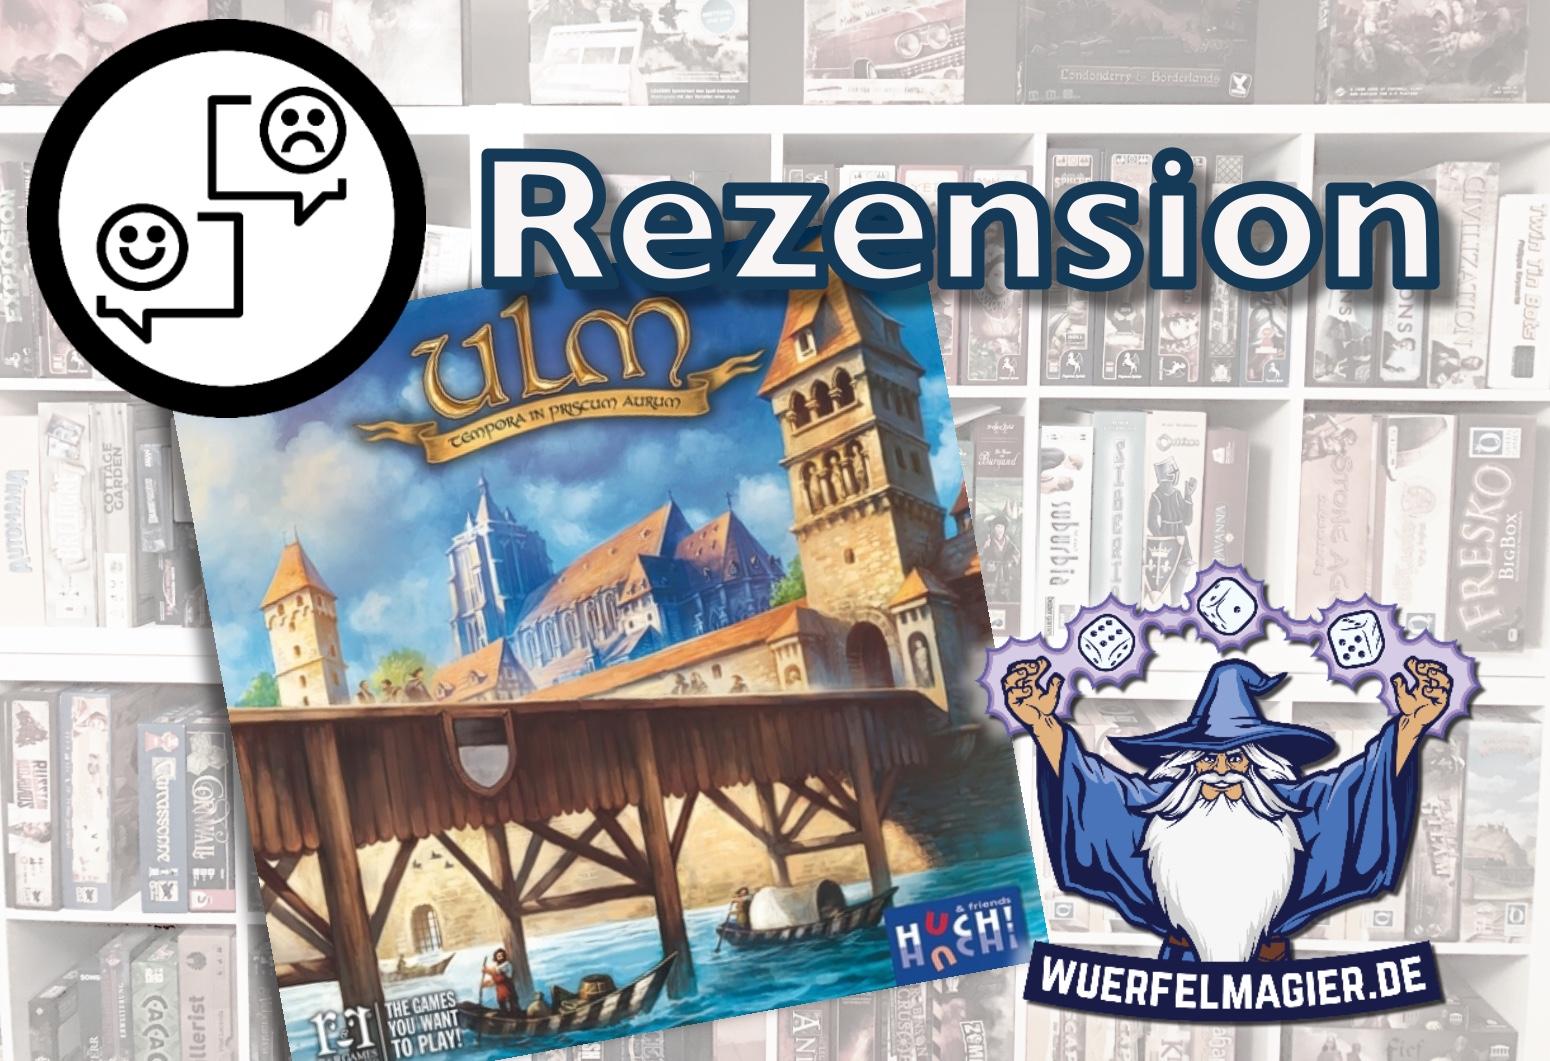 Rezension Ulm Huch! Würfelmagier